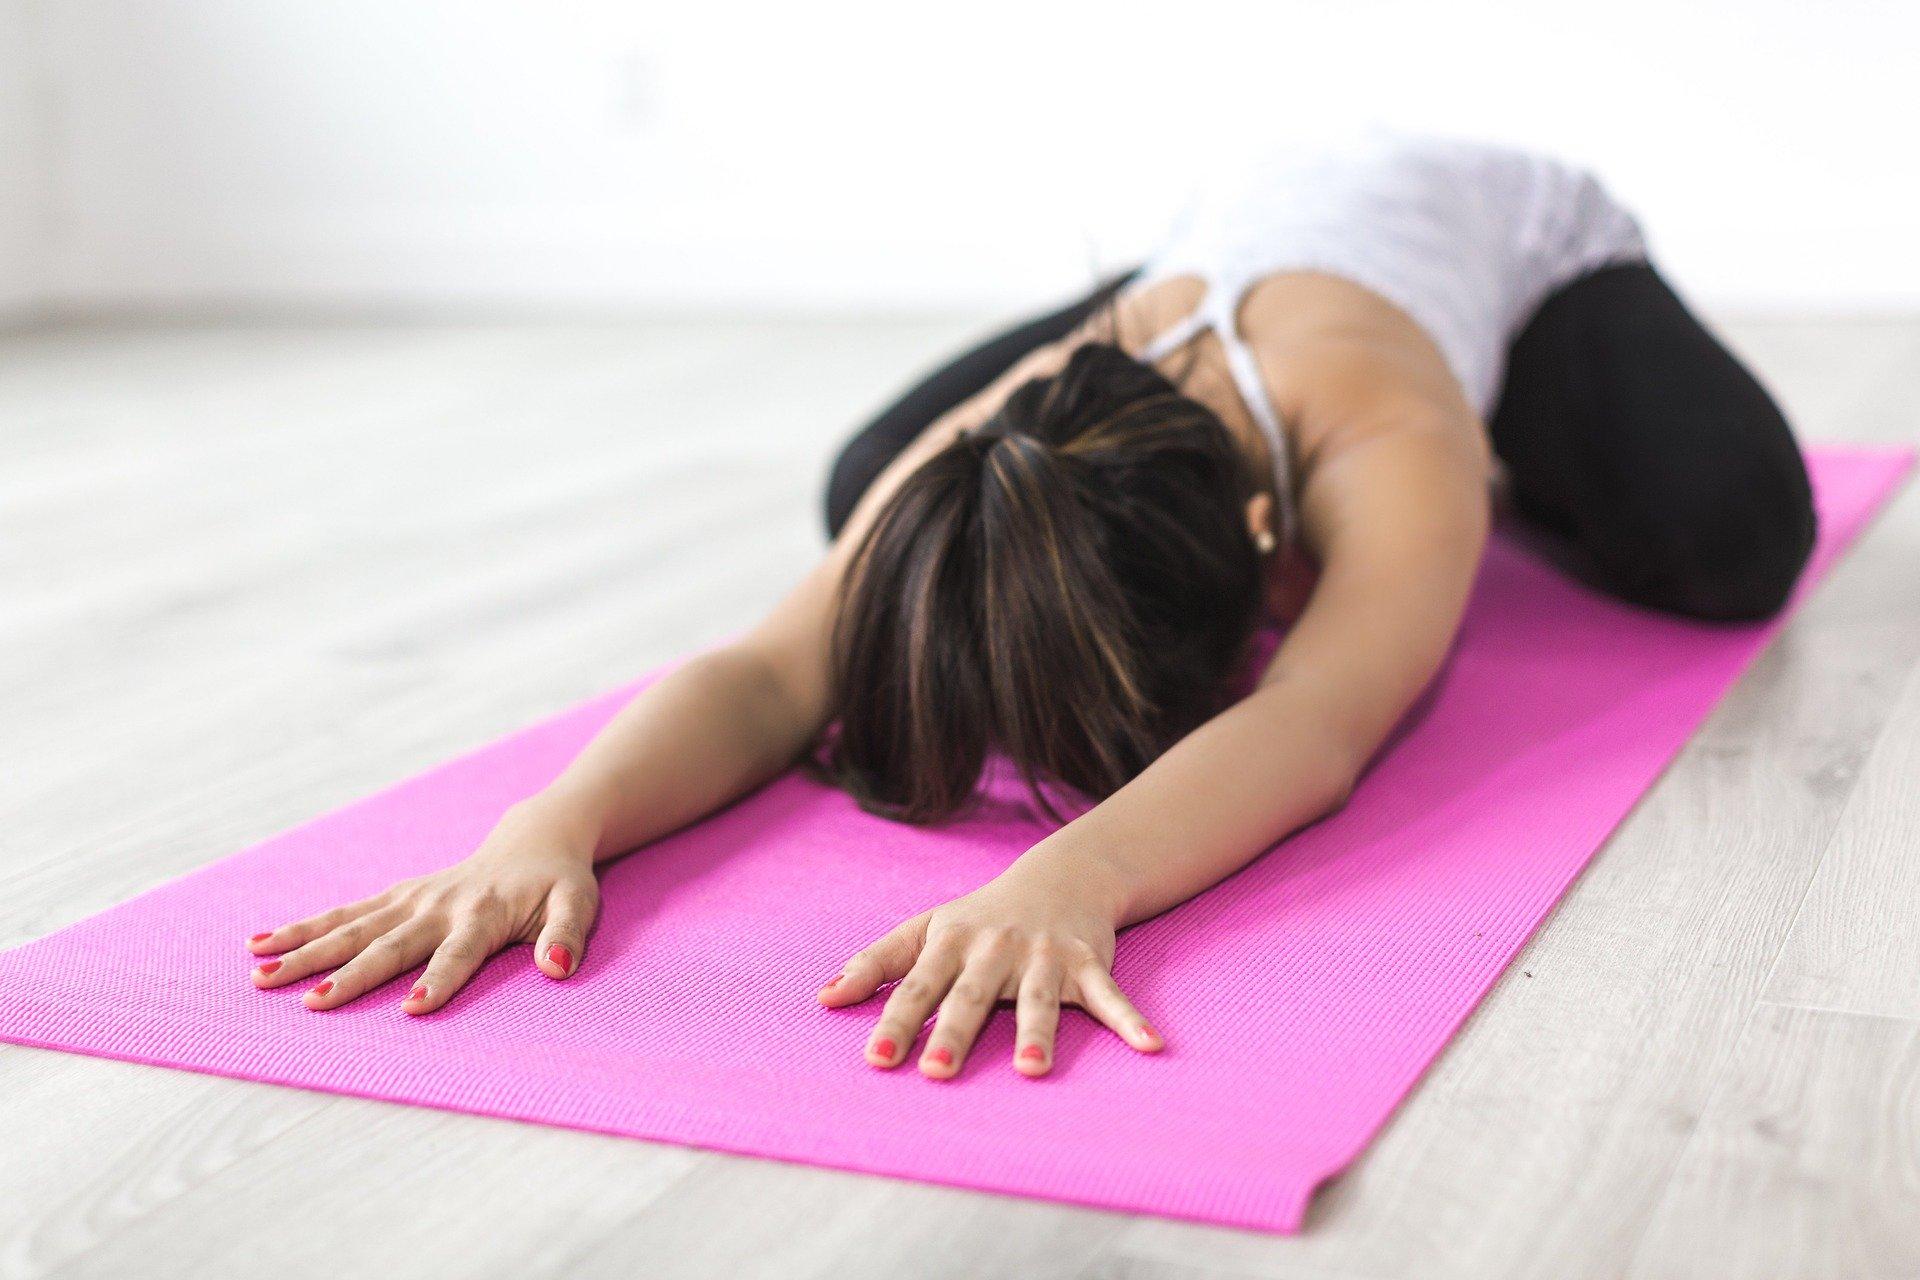 Frau macht Yoga zur entspannung